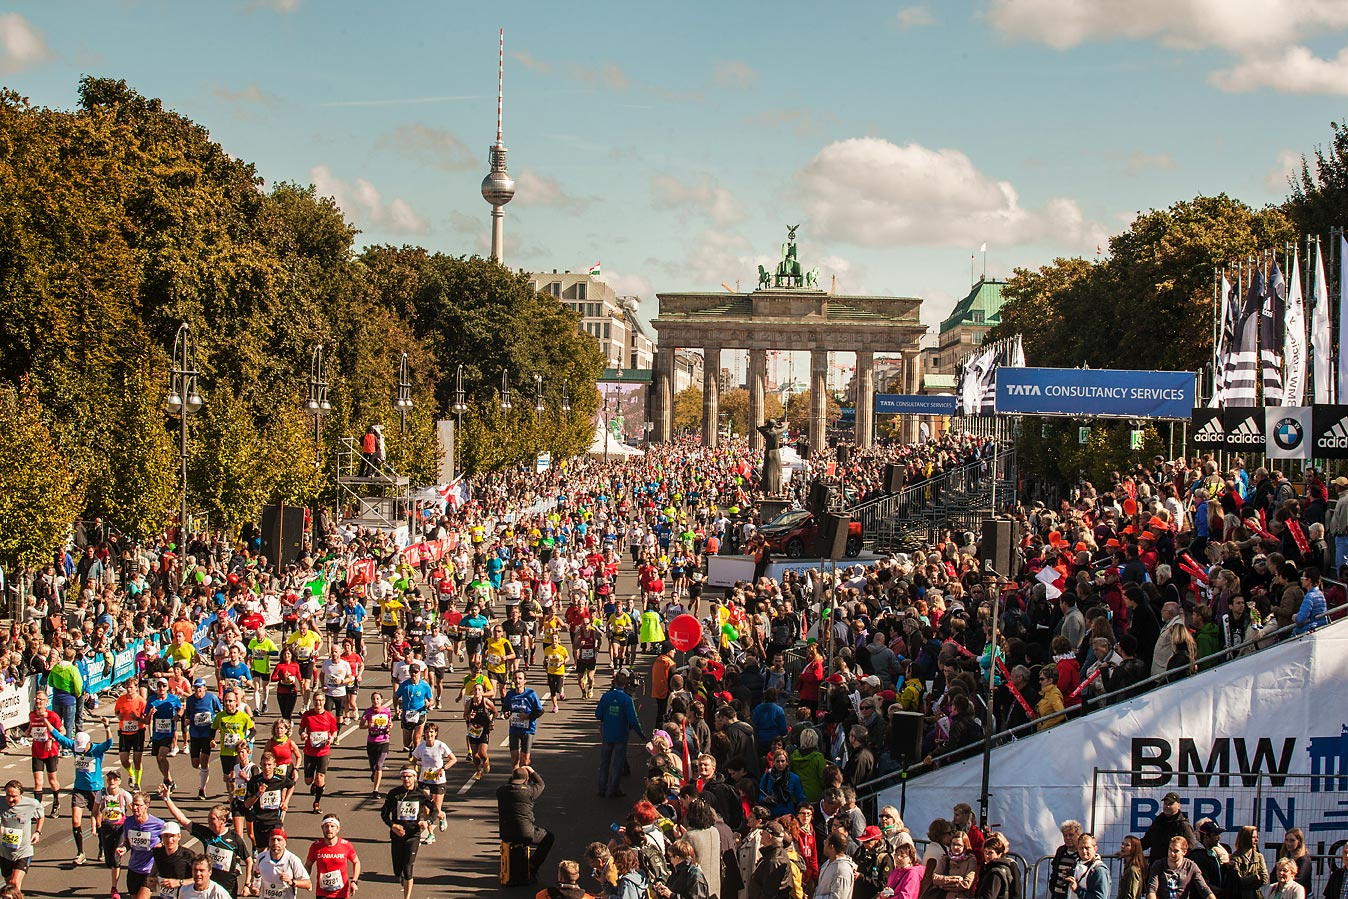 Zieleinlauf des 40. Berlin Marathons am Brandenbruger Tor